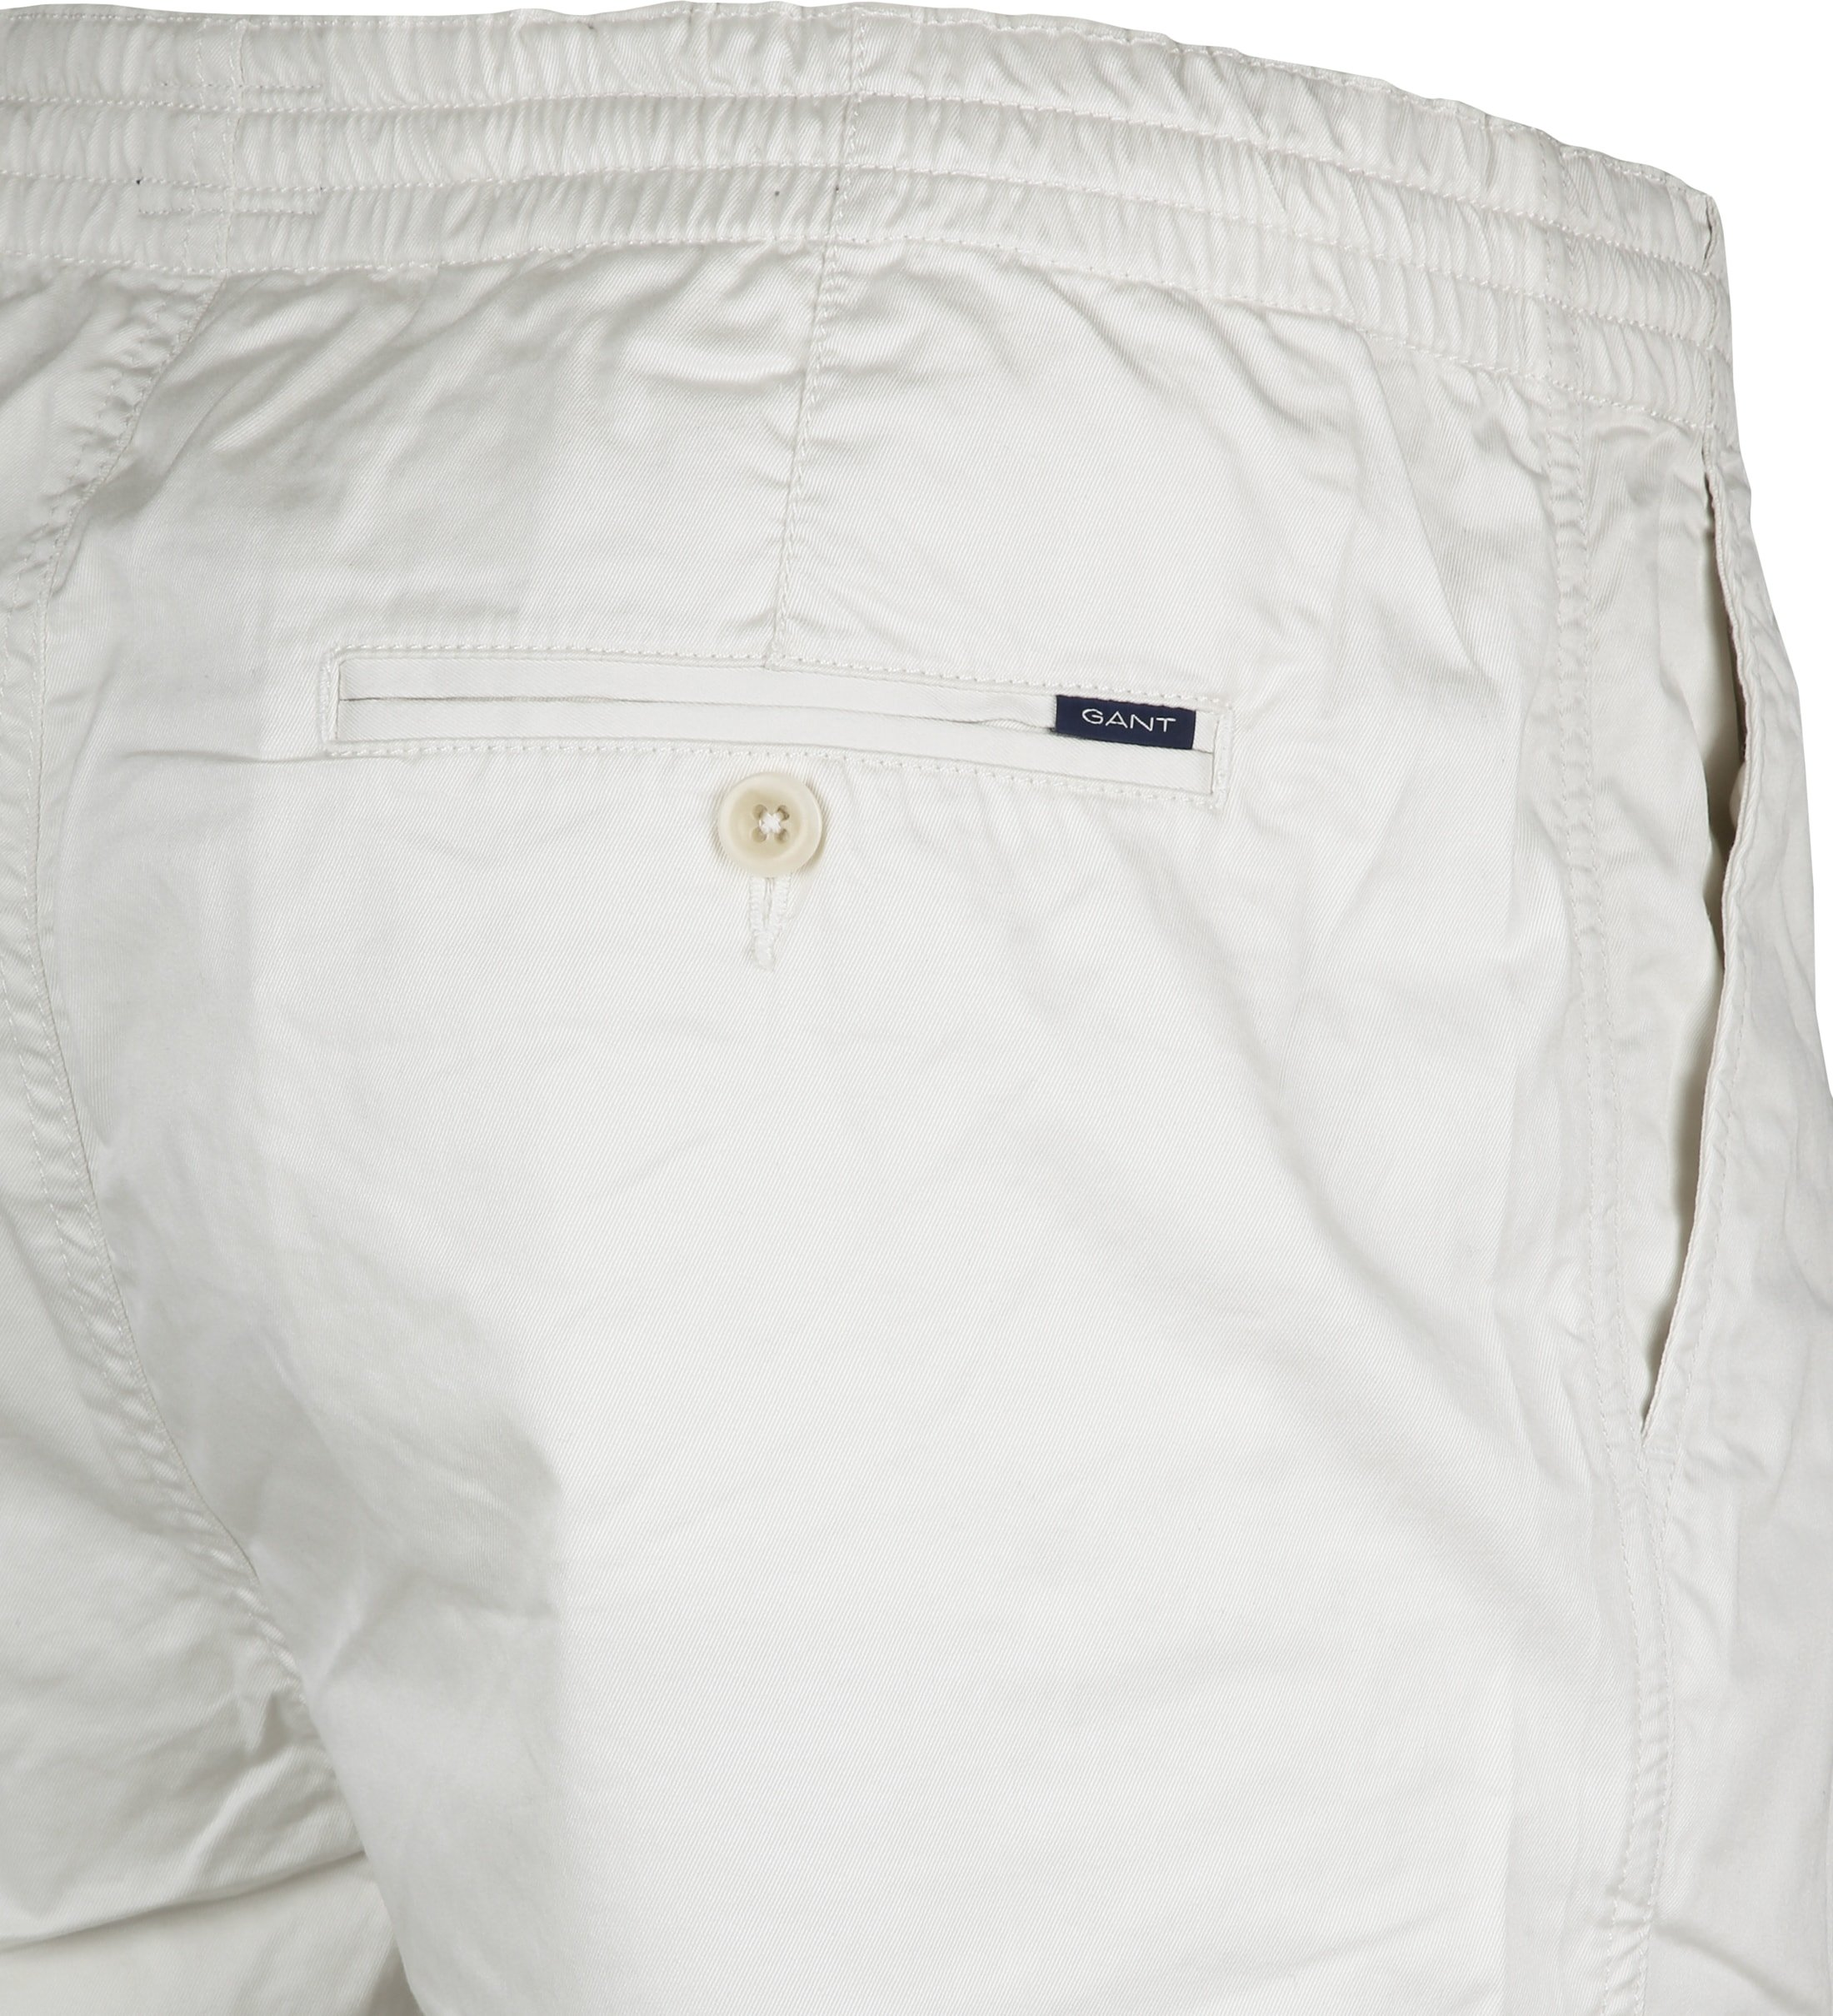 Gant Relaxed Short Off-White foto 1